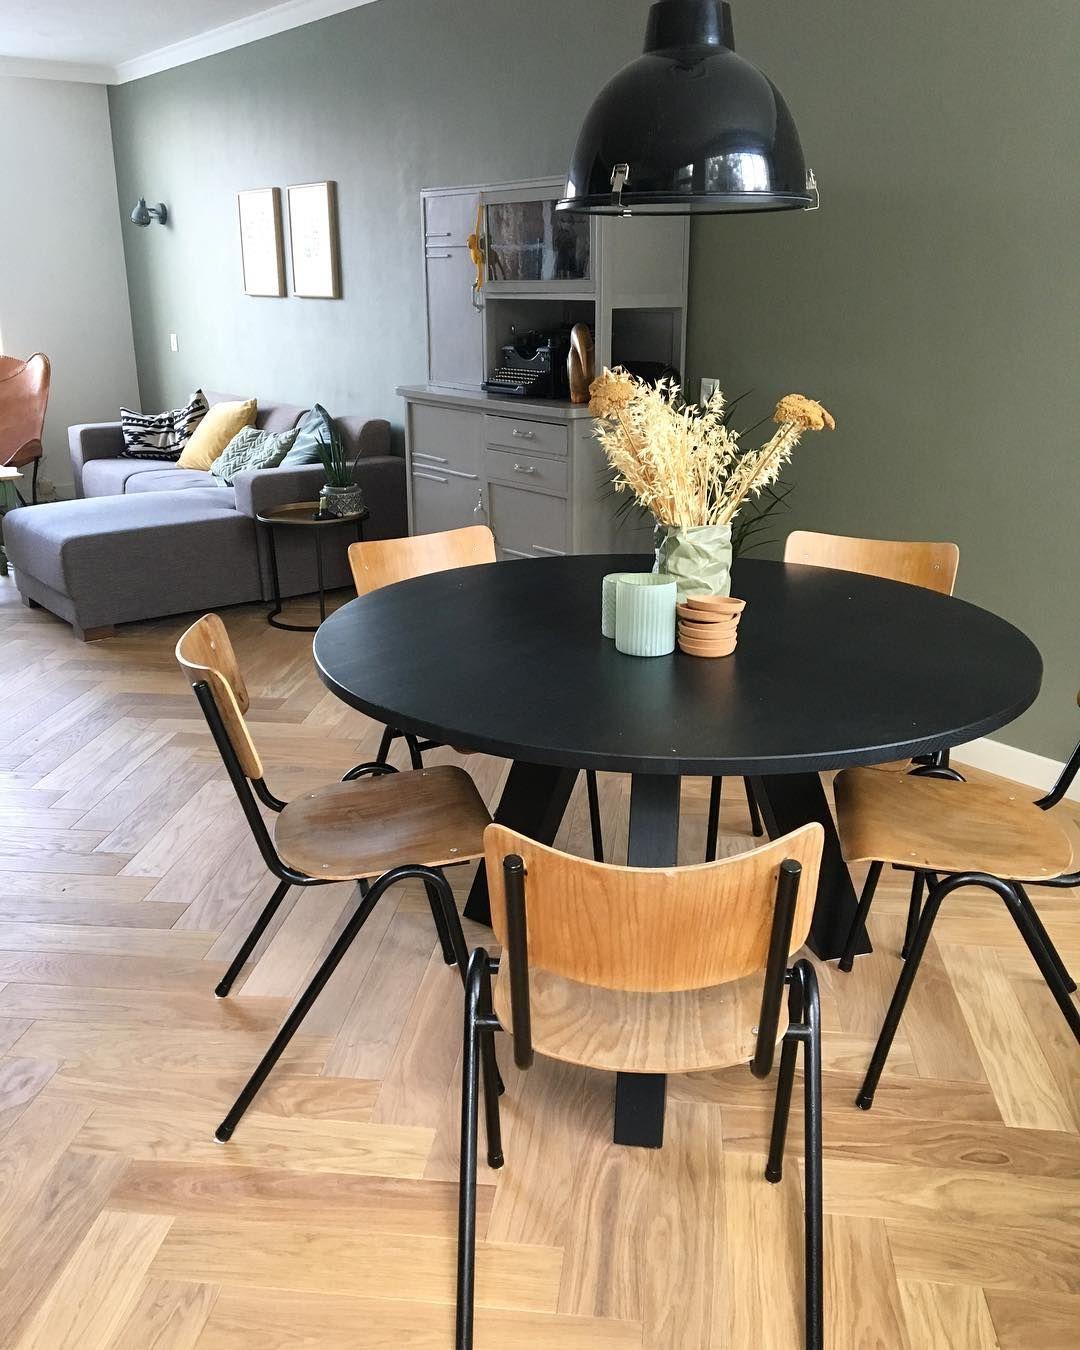 Wohnzimmer des modernen interieurs des hauses  instagram interieur inspiratie top   eetkamertafel  pinterest